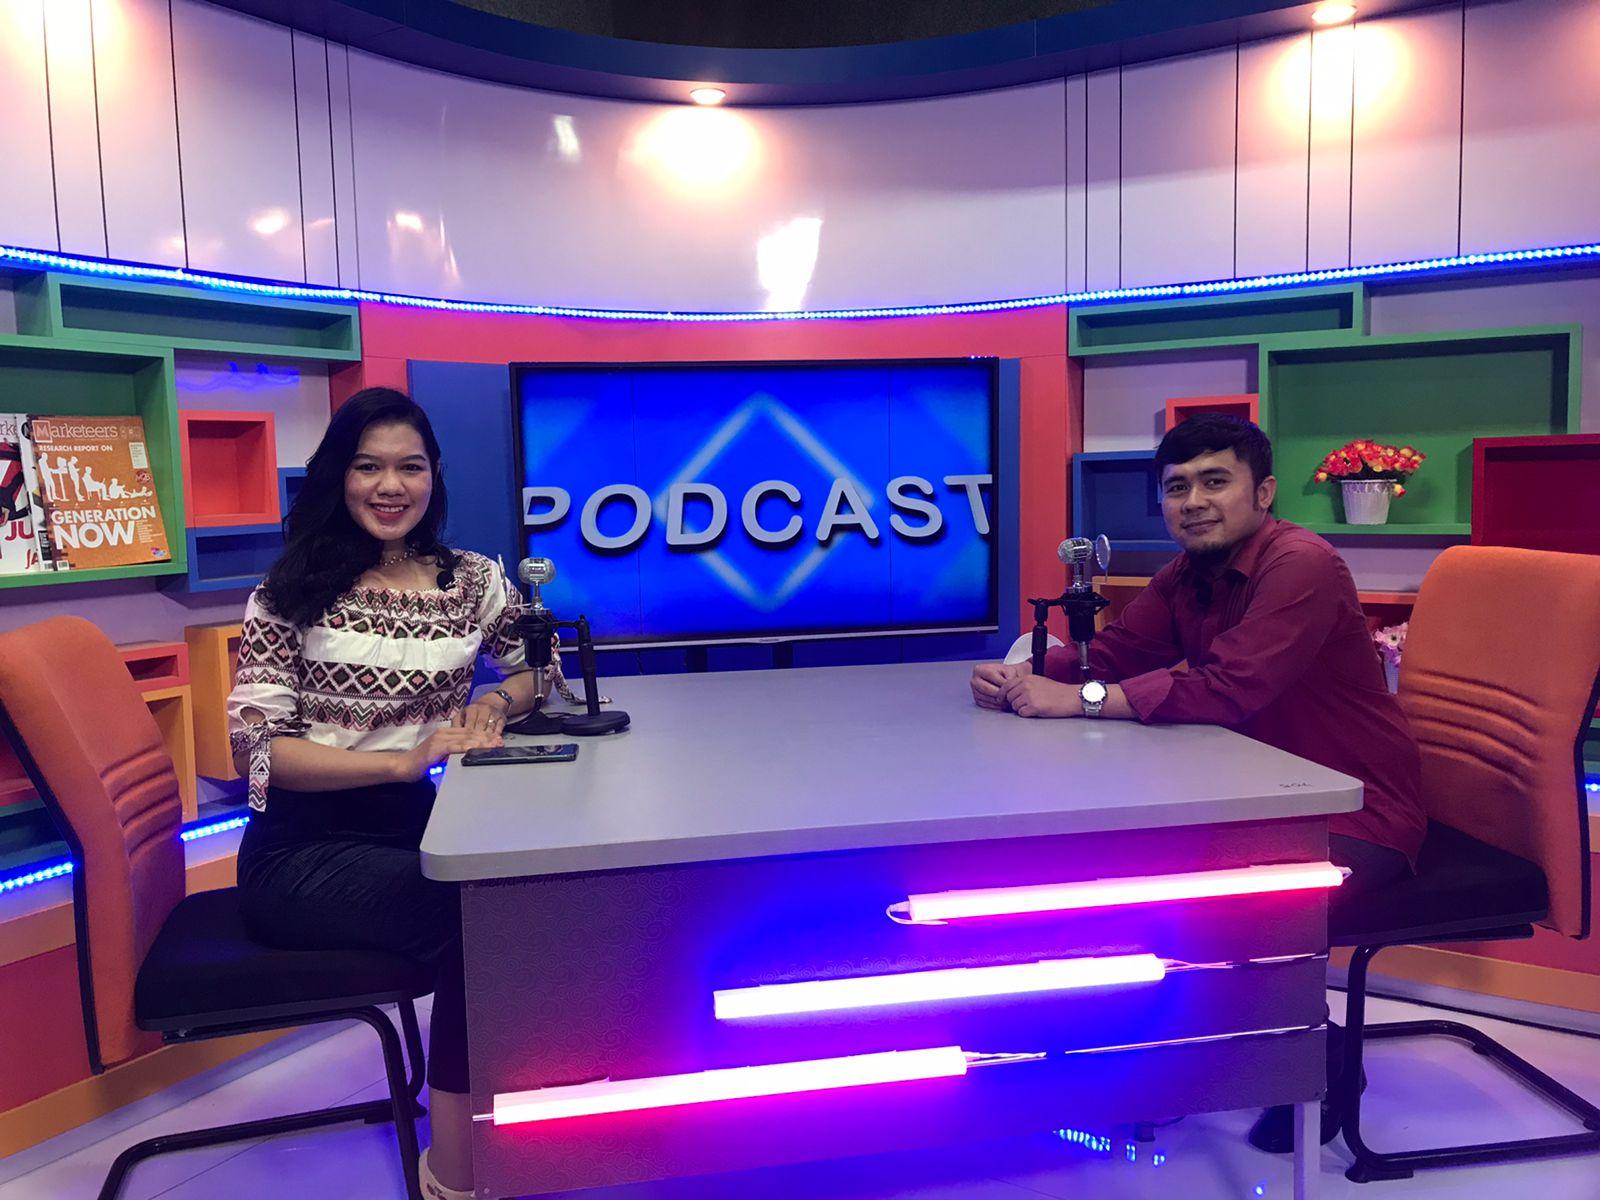 Universitas Bina Darma Palembang menghadirkan program Podcast sebagai sarana informasi dan edukasi